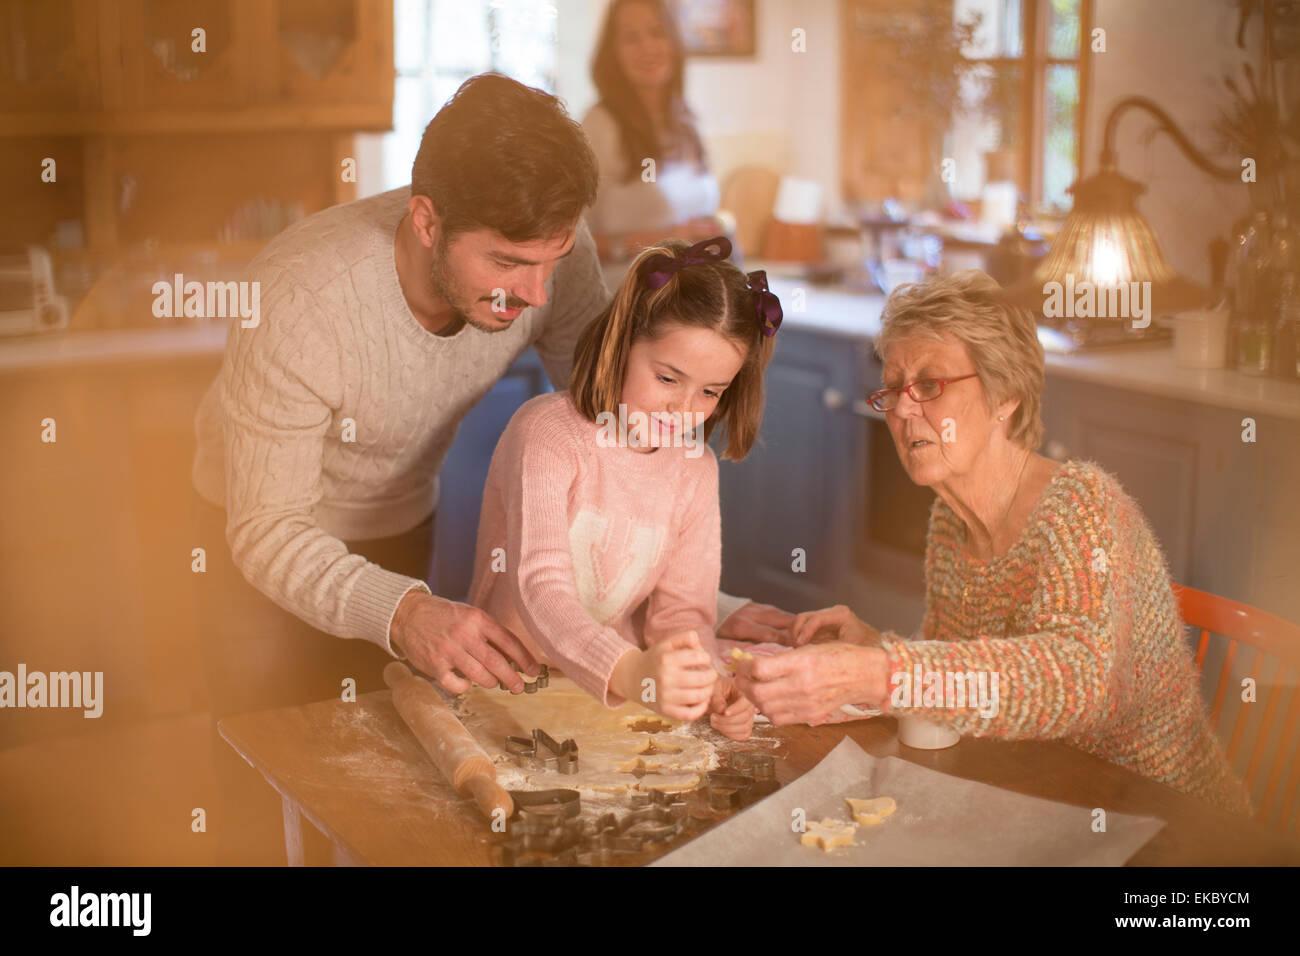 Tre generazioni della famiglia forme di taglio in pasta per fare biscotti fatti in casa Immagini Stock